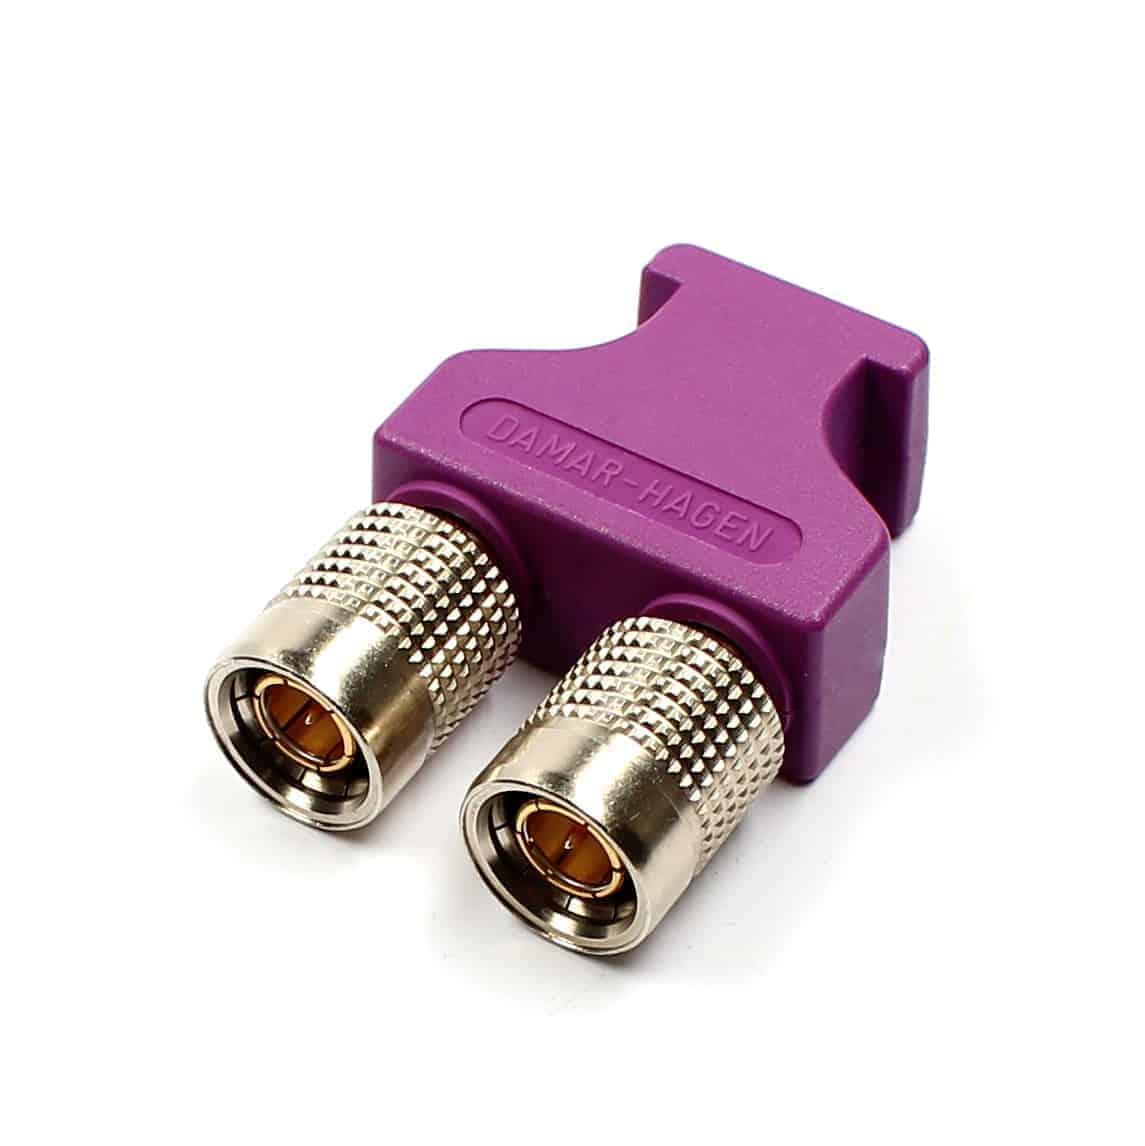 BNCpro Brückenstecker violett/ Doppelstecker 75 Ohm